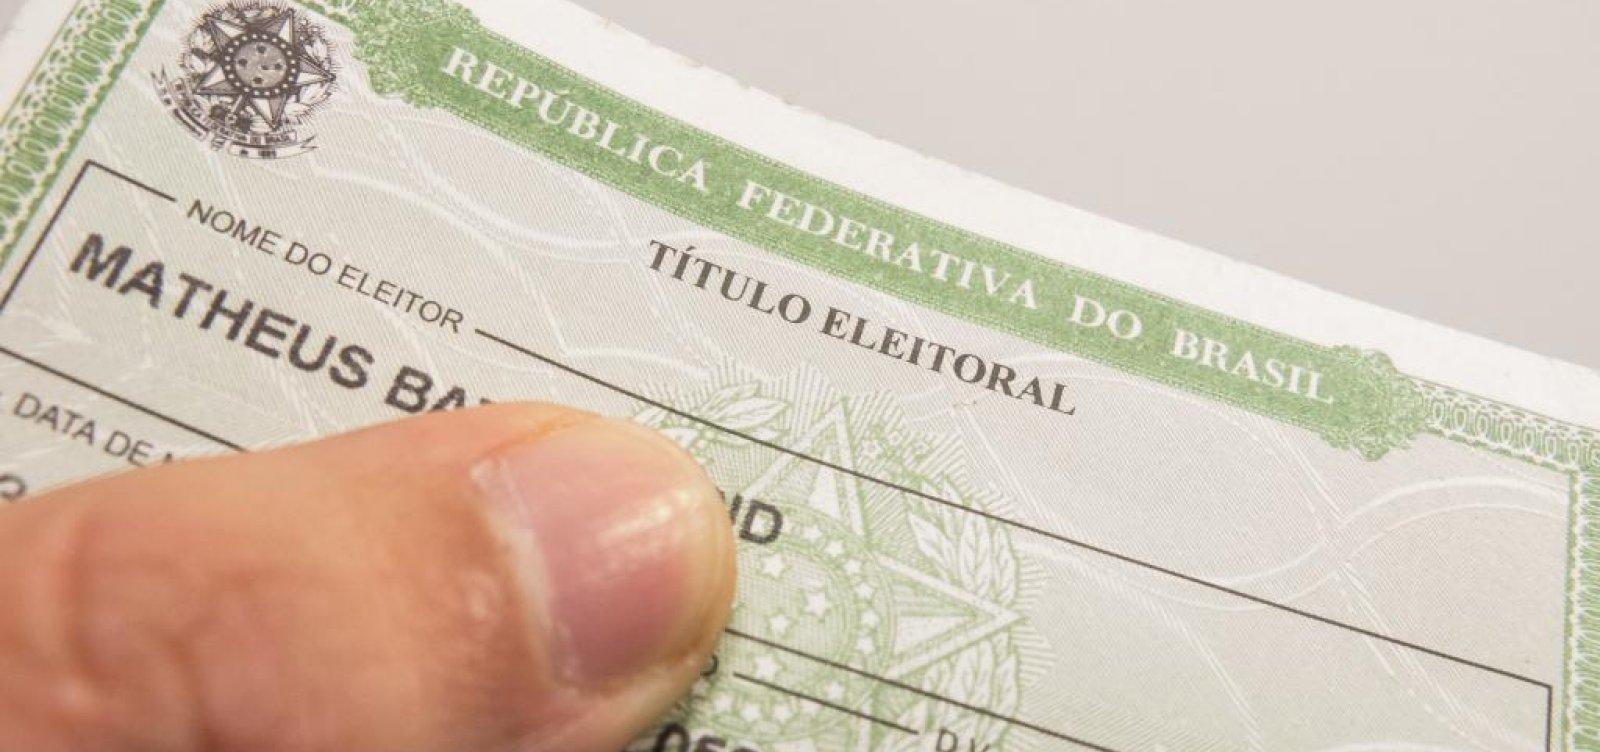 Mais de 300 transexuais e travestis usarão o nome social para ir às urnas na Bahia